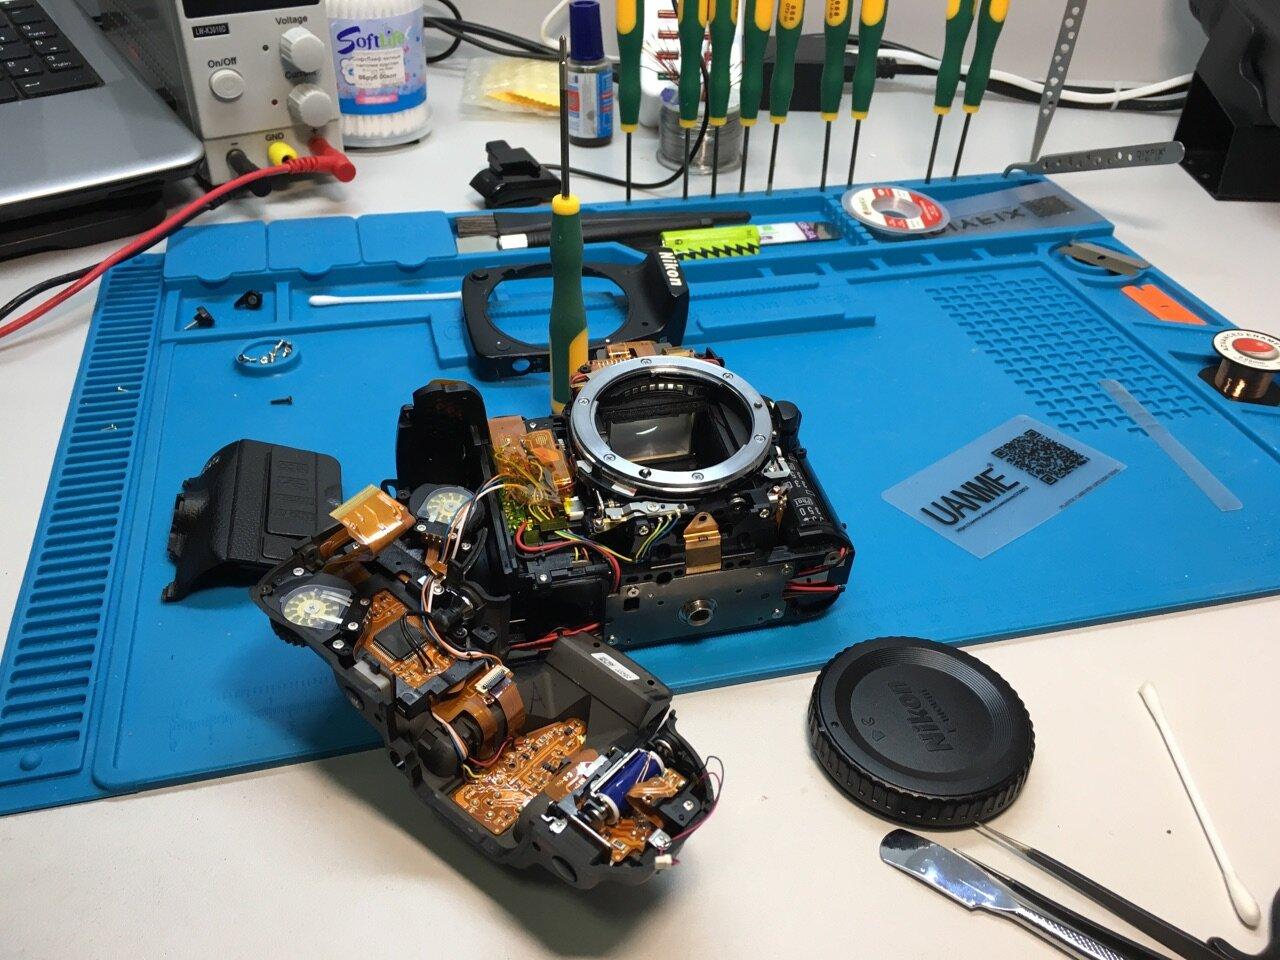 круглосуточный ремонт фотоаппаратов совсем молодое